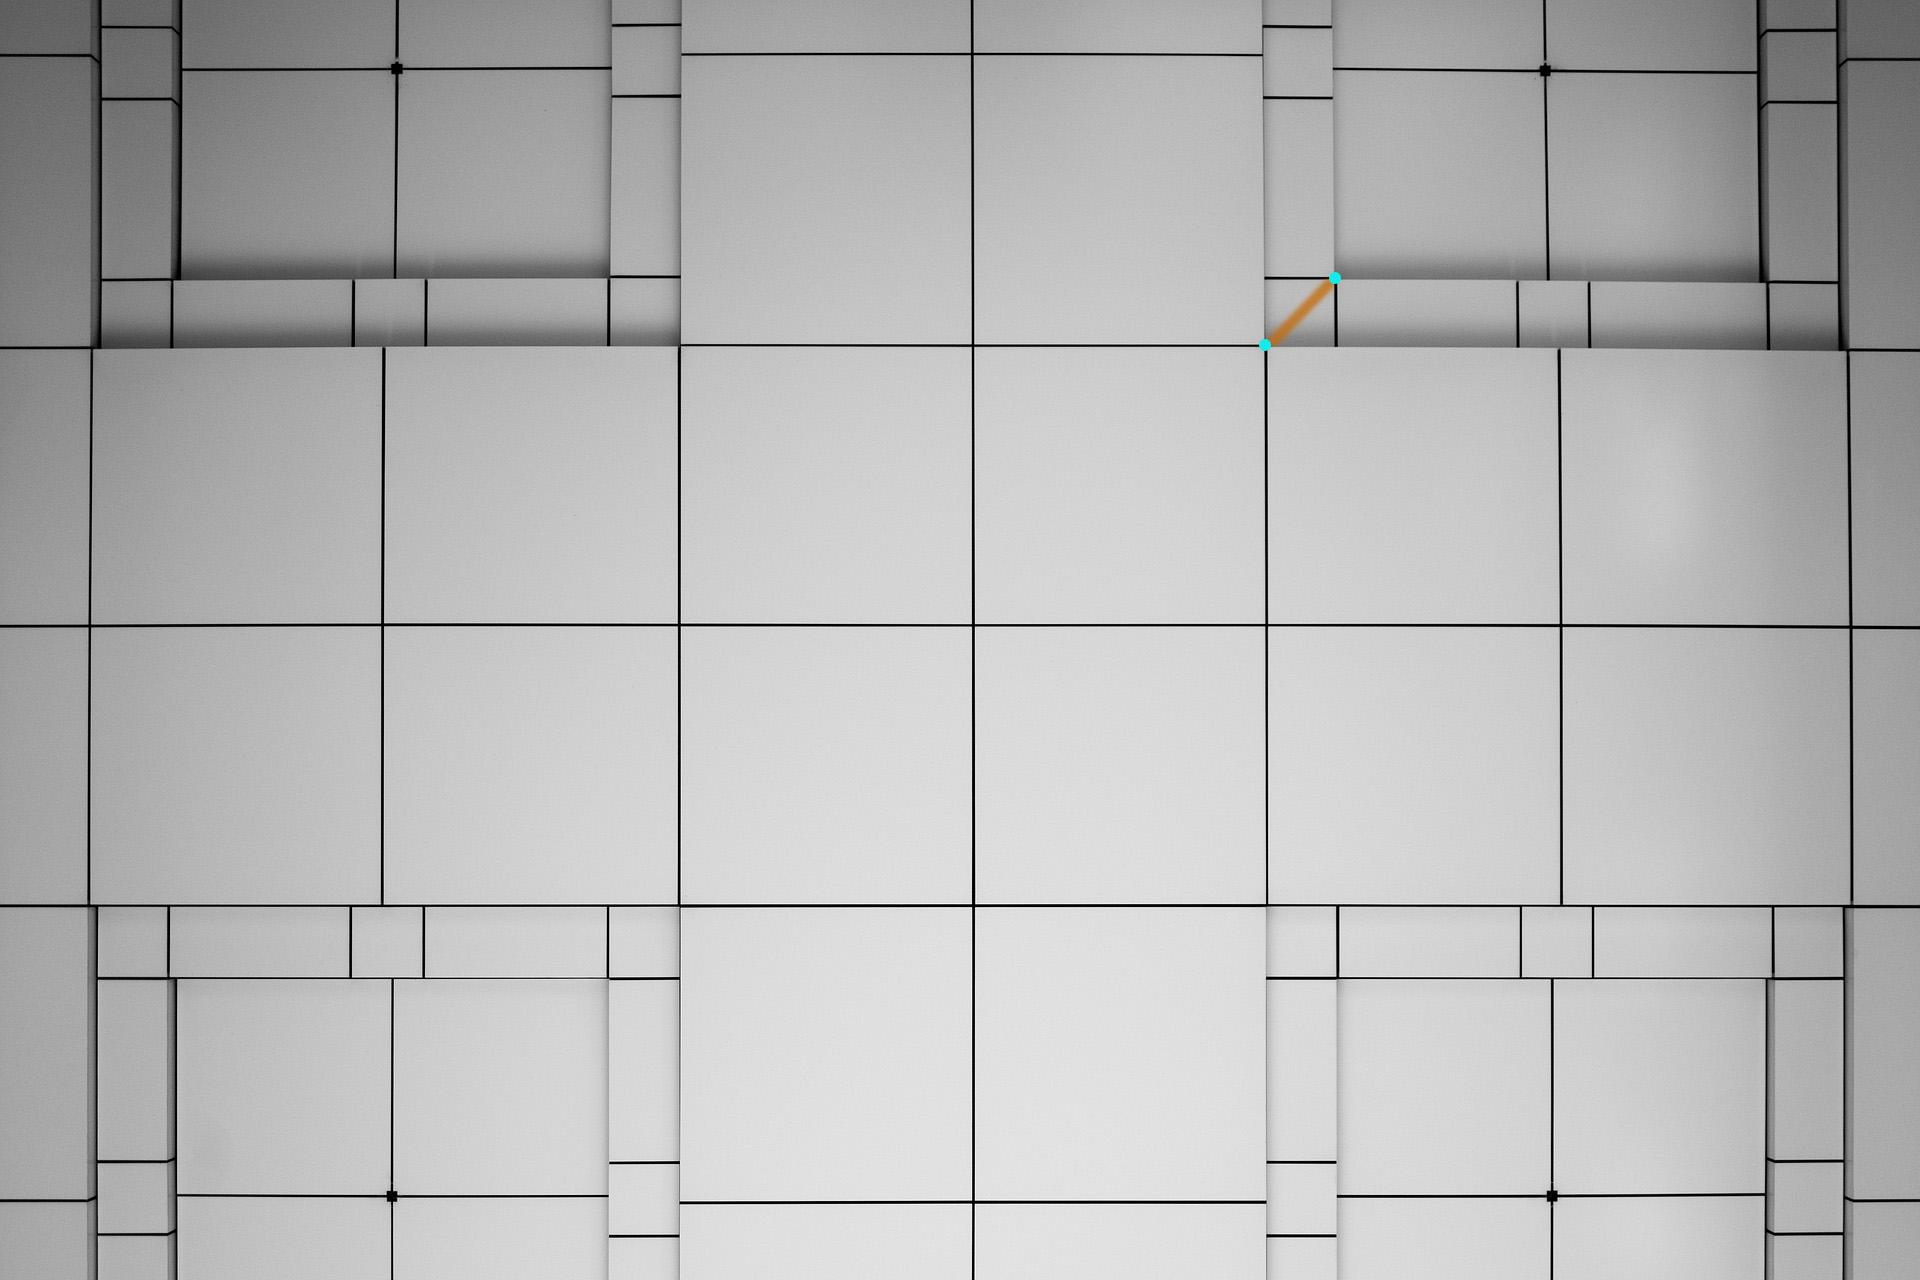 Distancia entre dos puntos en el plano